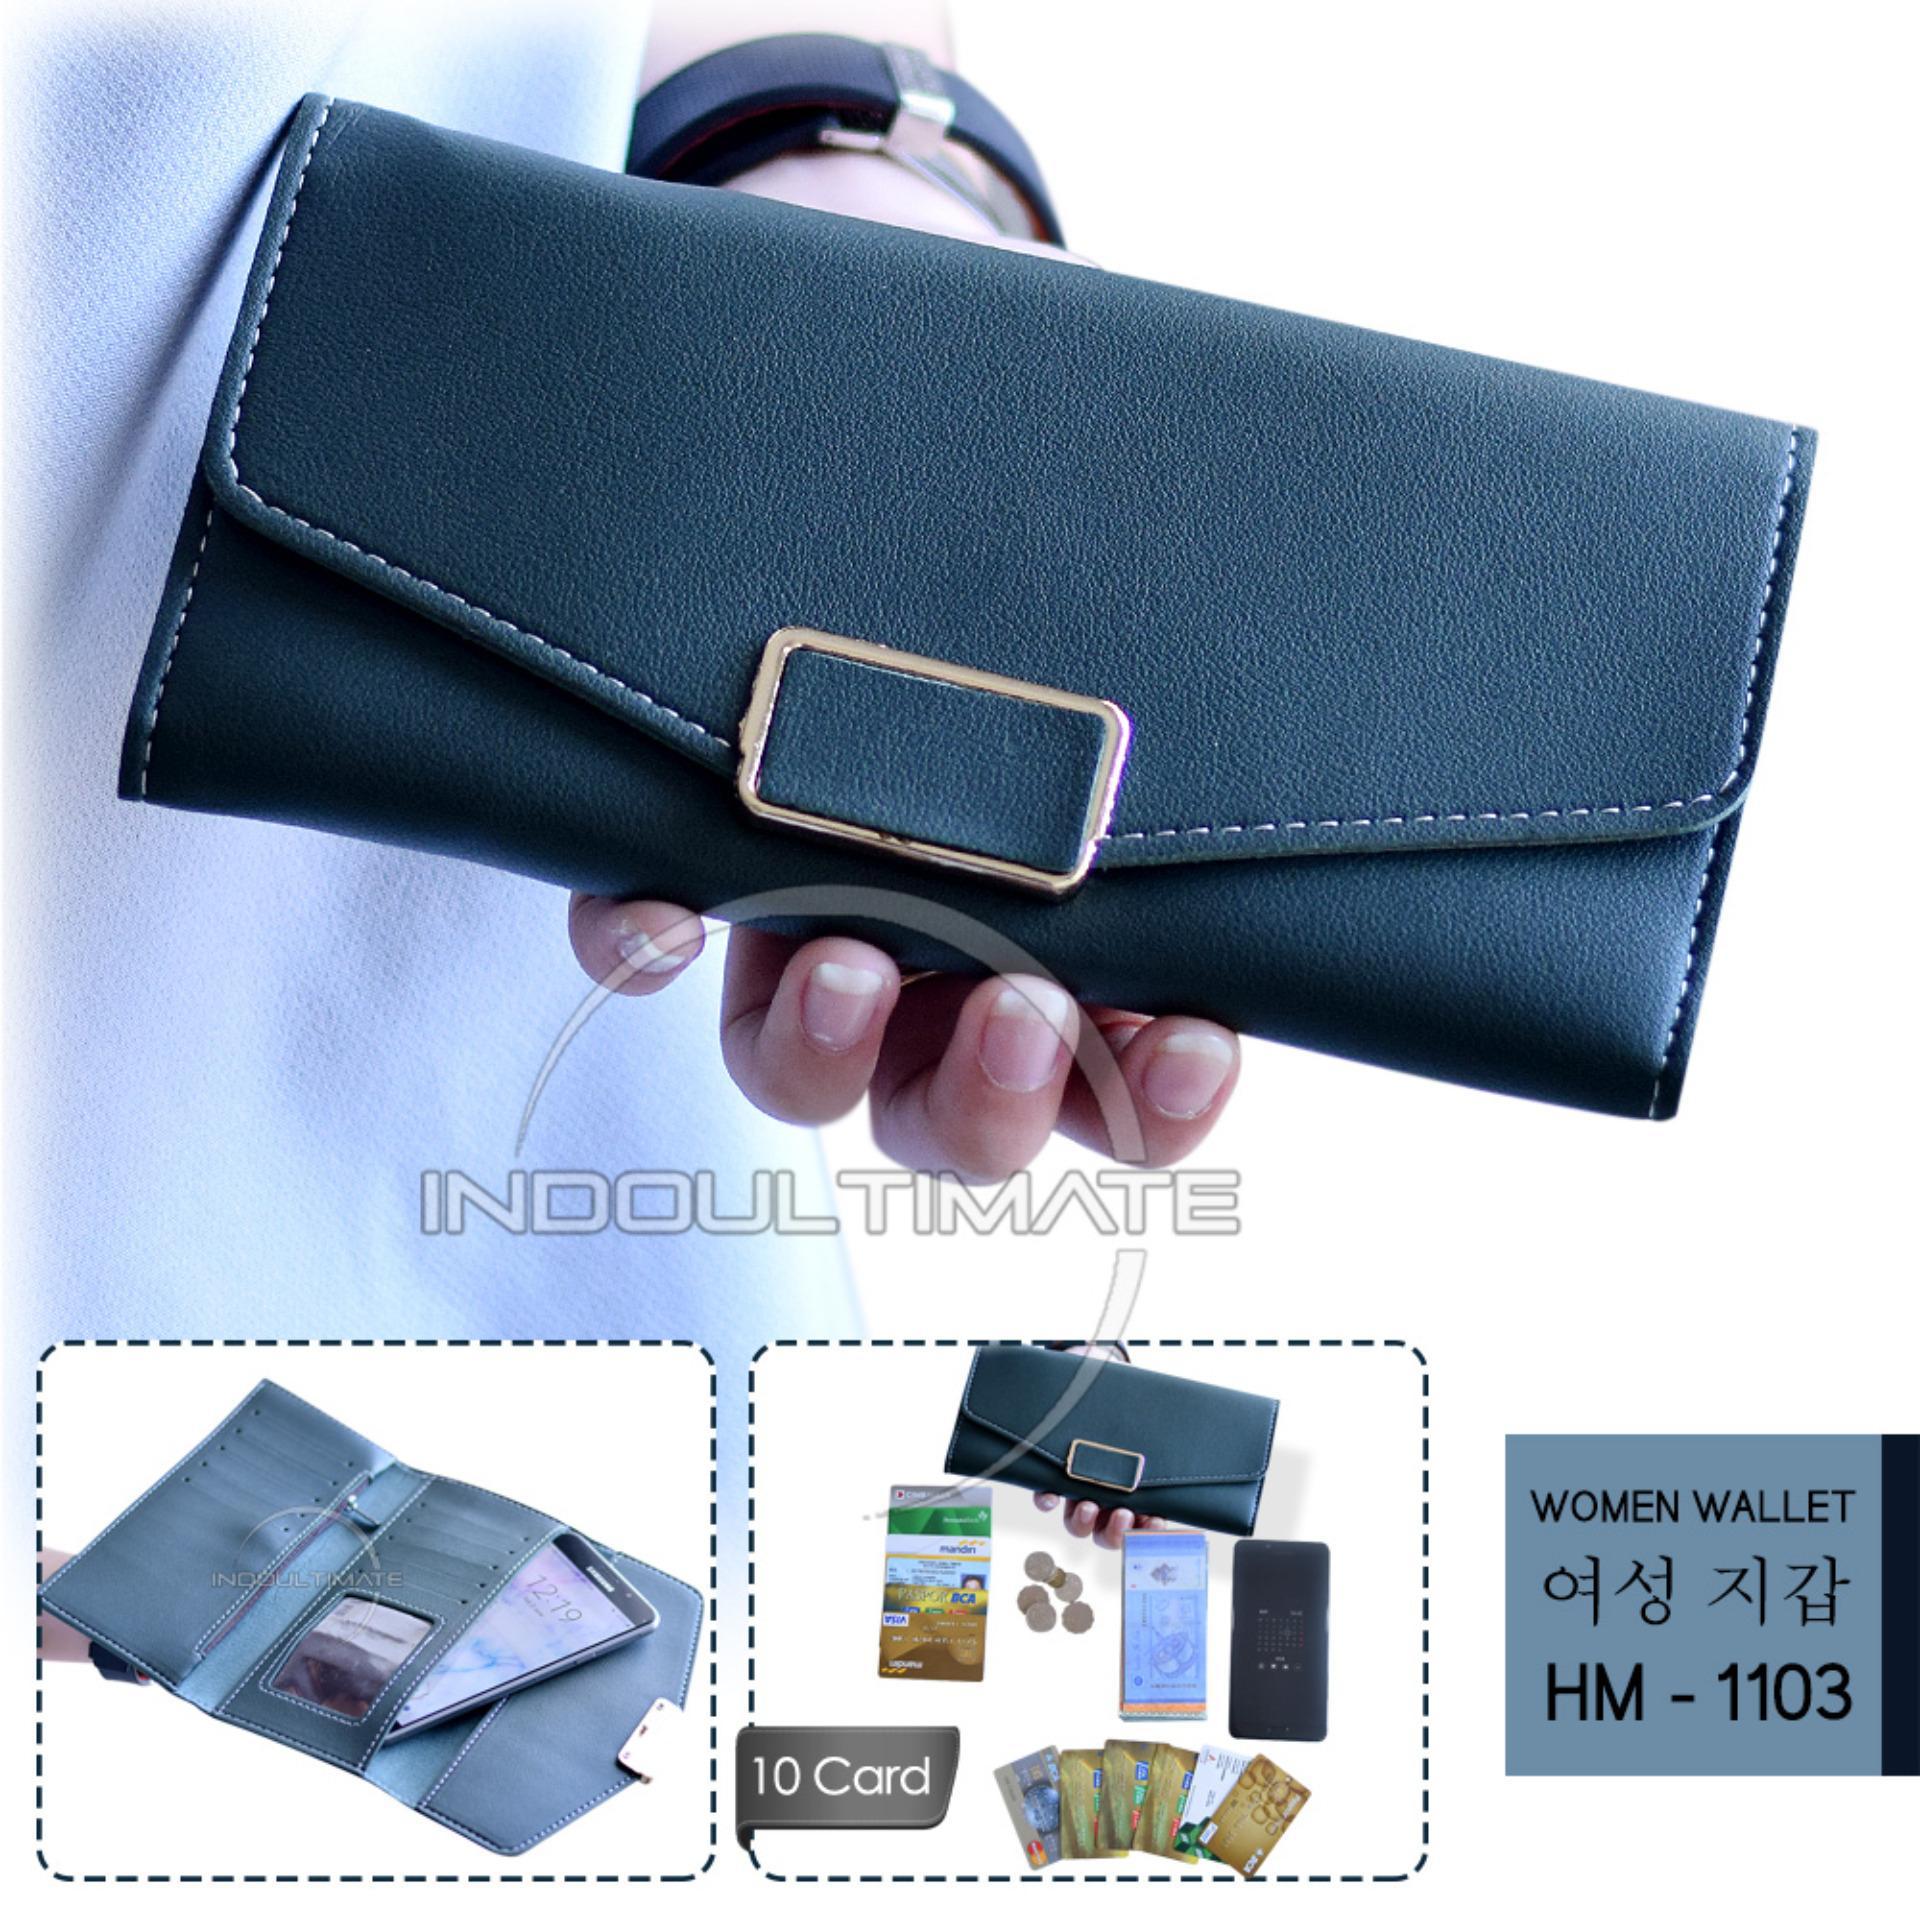 Ultimate Dompet Wanita DY-1101 - Green   Dompet Cewek   Cewe Kartu ATM  Panjang aa7dc708e2